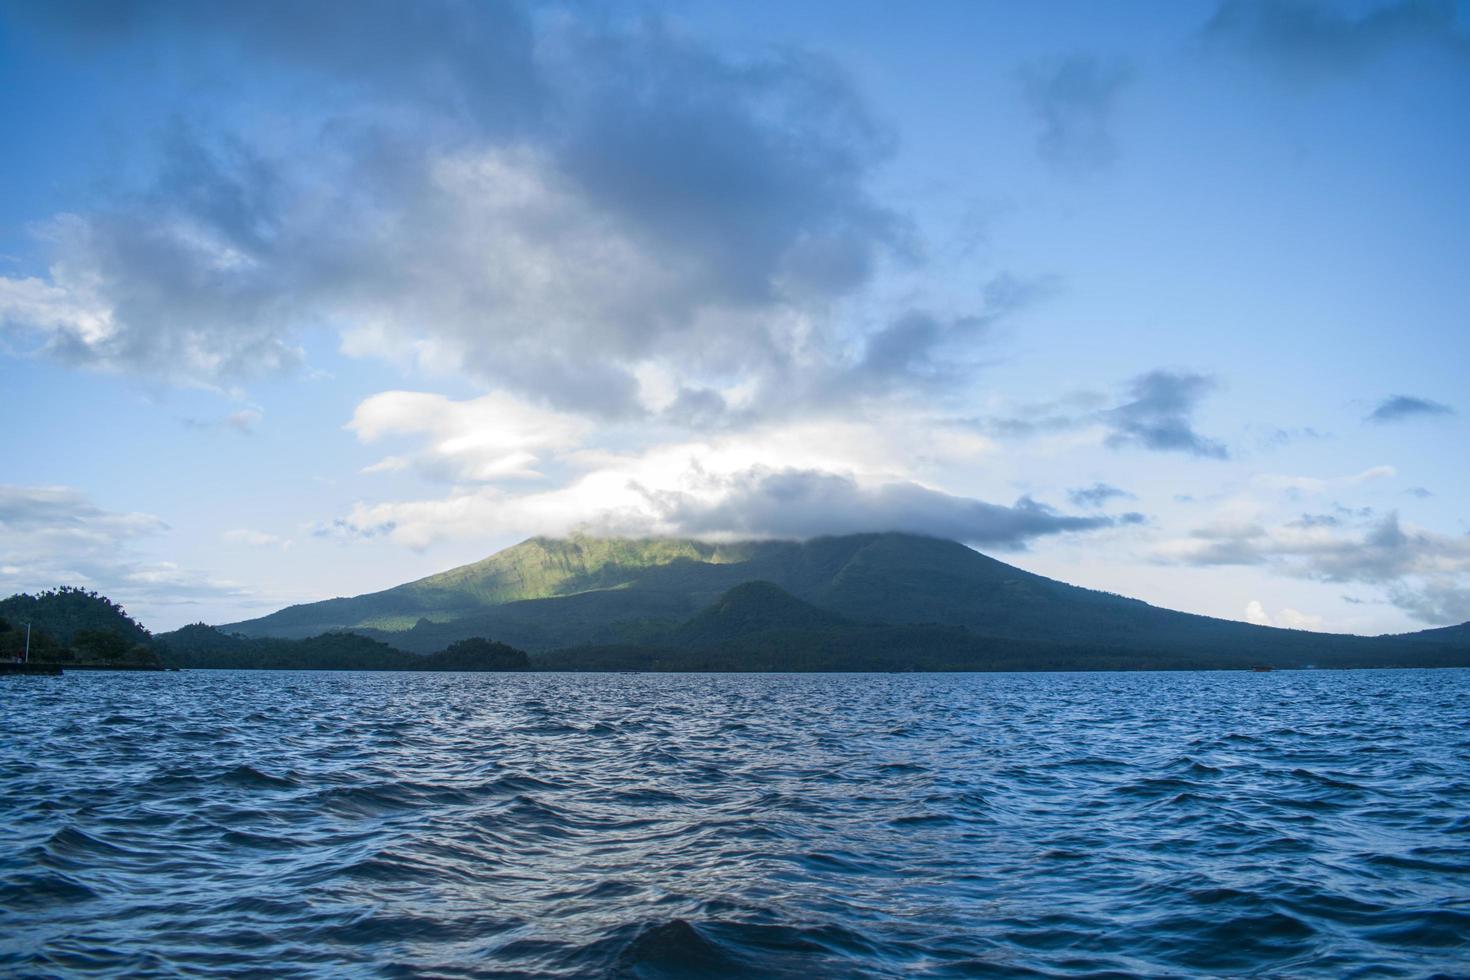 oceaan in de buurt van berg met wolken foto